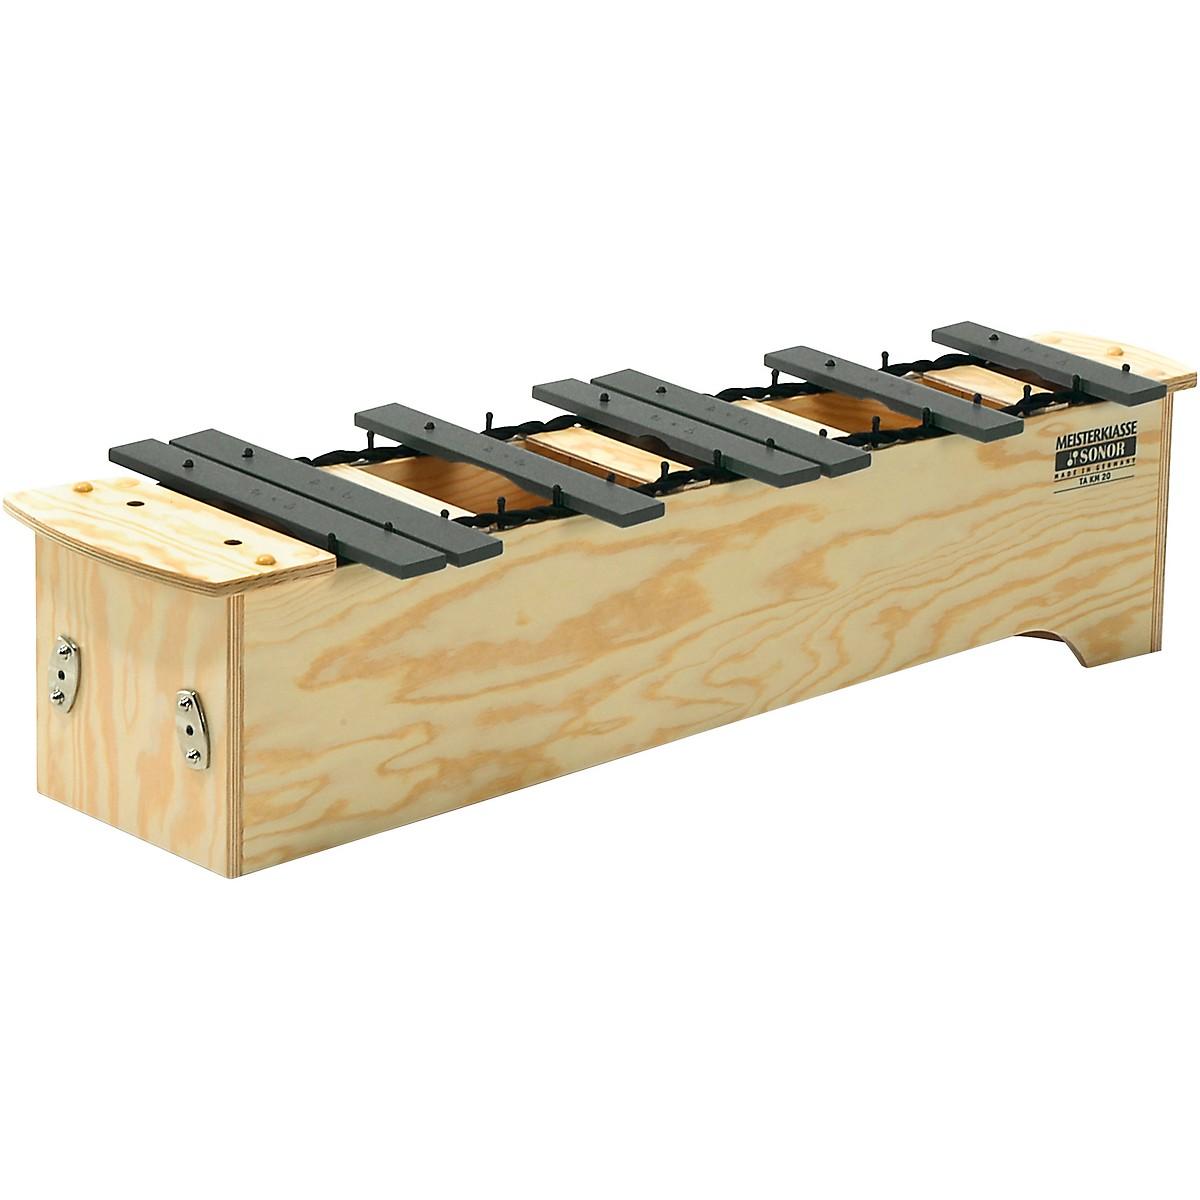 Sonor Orff Meisterklasse Tenor-Alto Metallophones